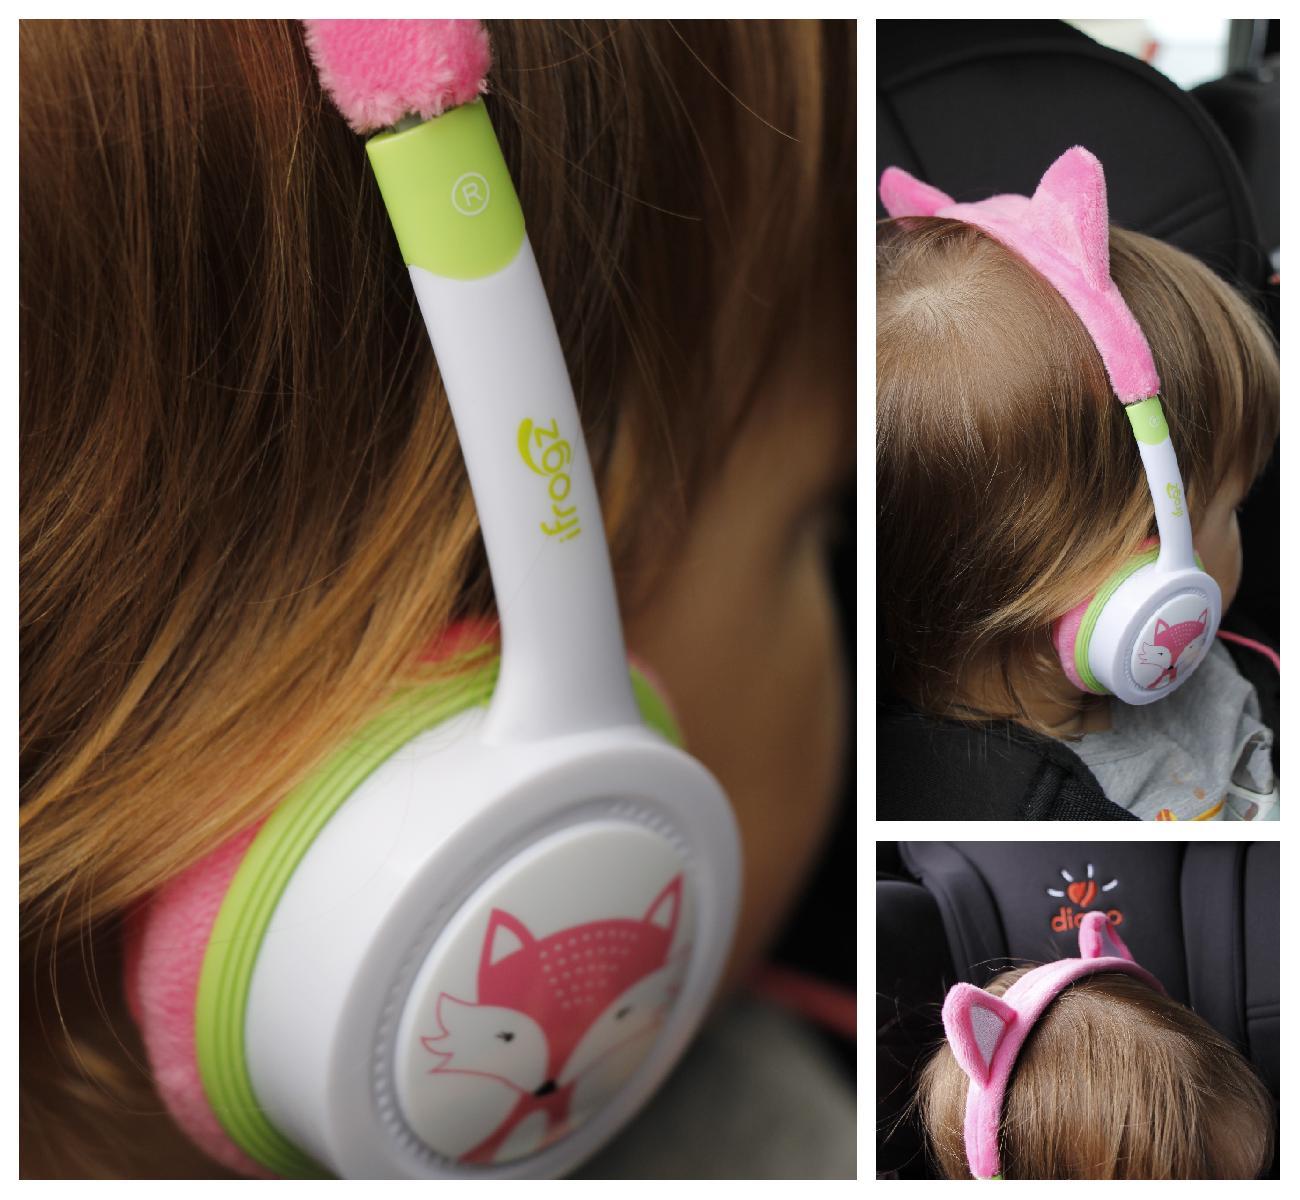 Kopfhörer mit Lautstärkebegrenzung